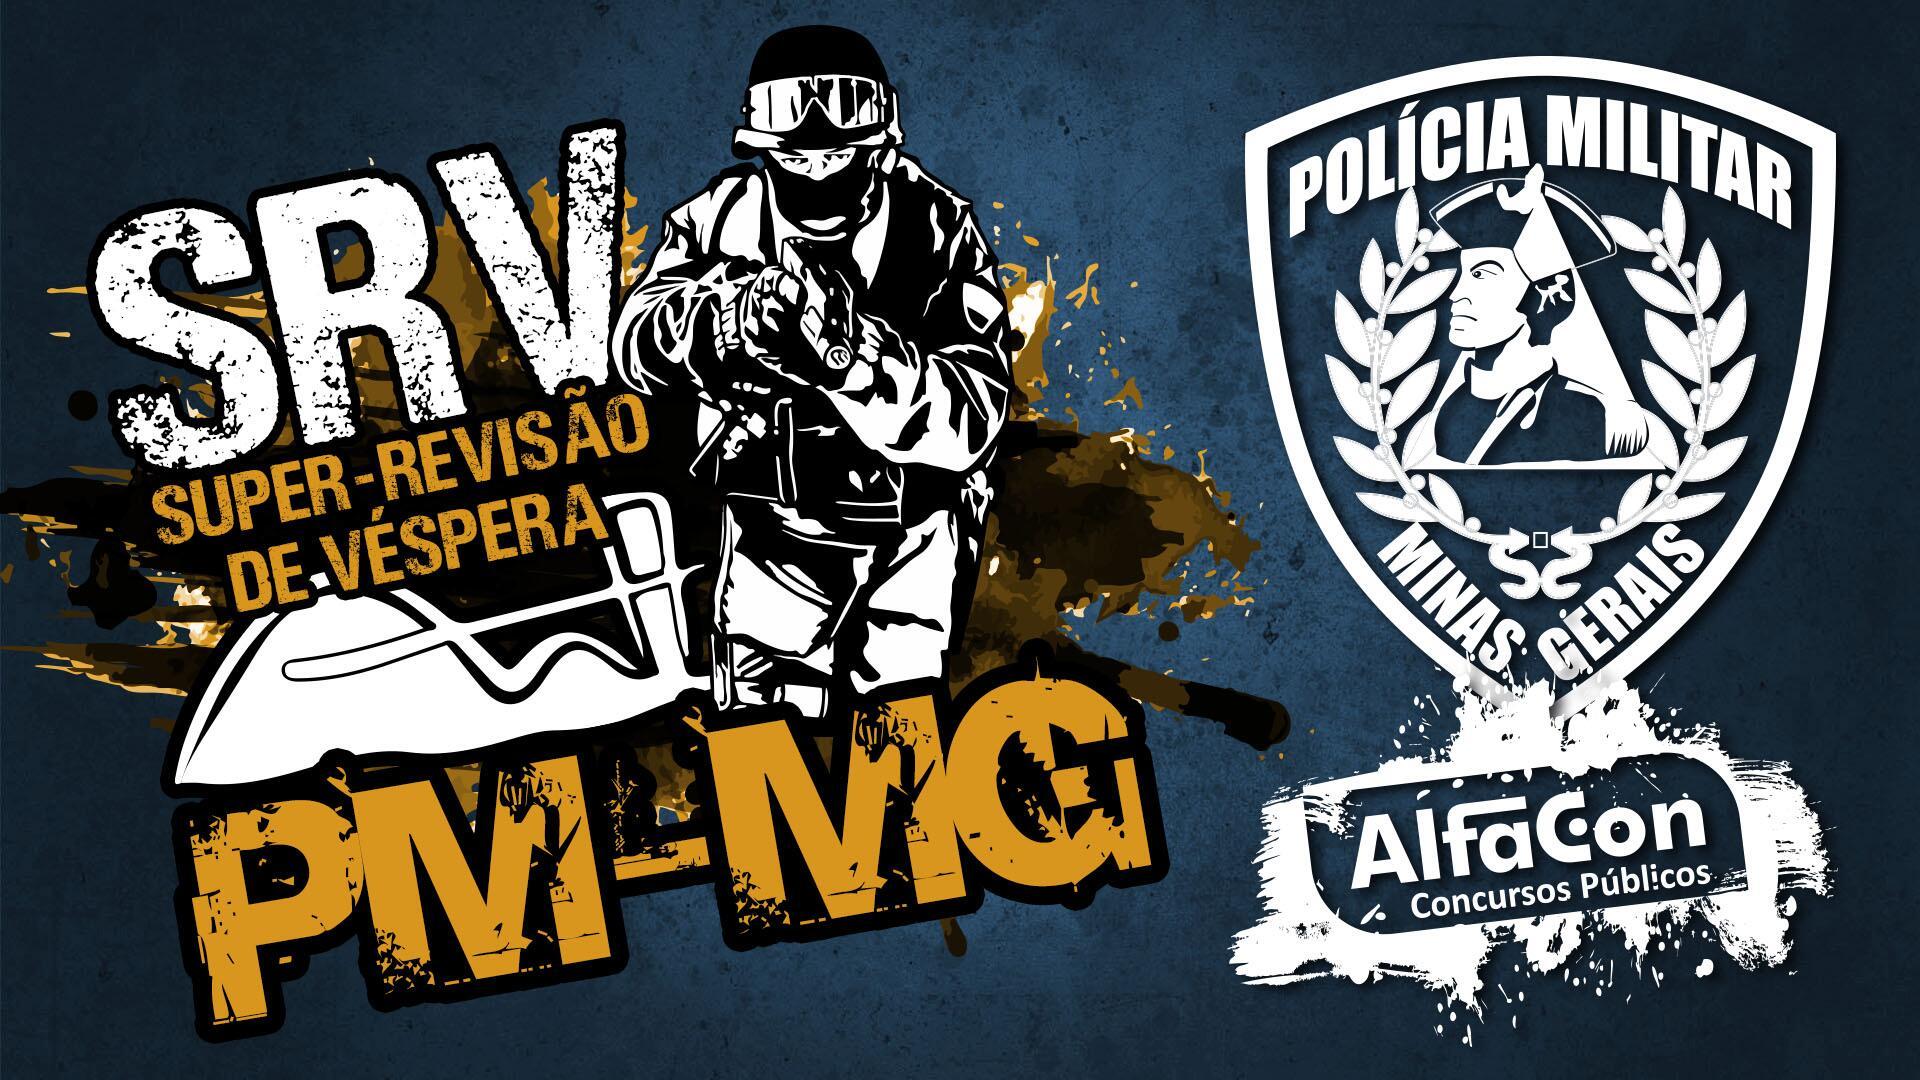 Super-Revisão de Véspera da Polícia Militar de Minas Gerais!